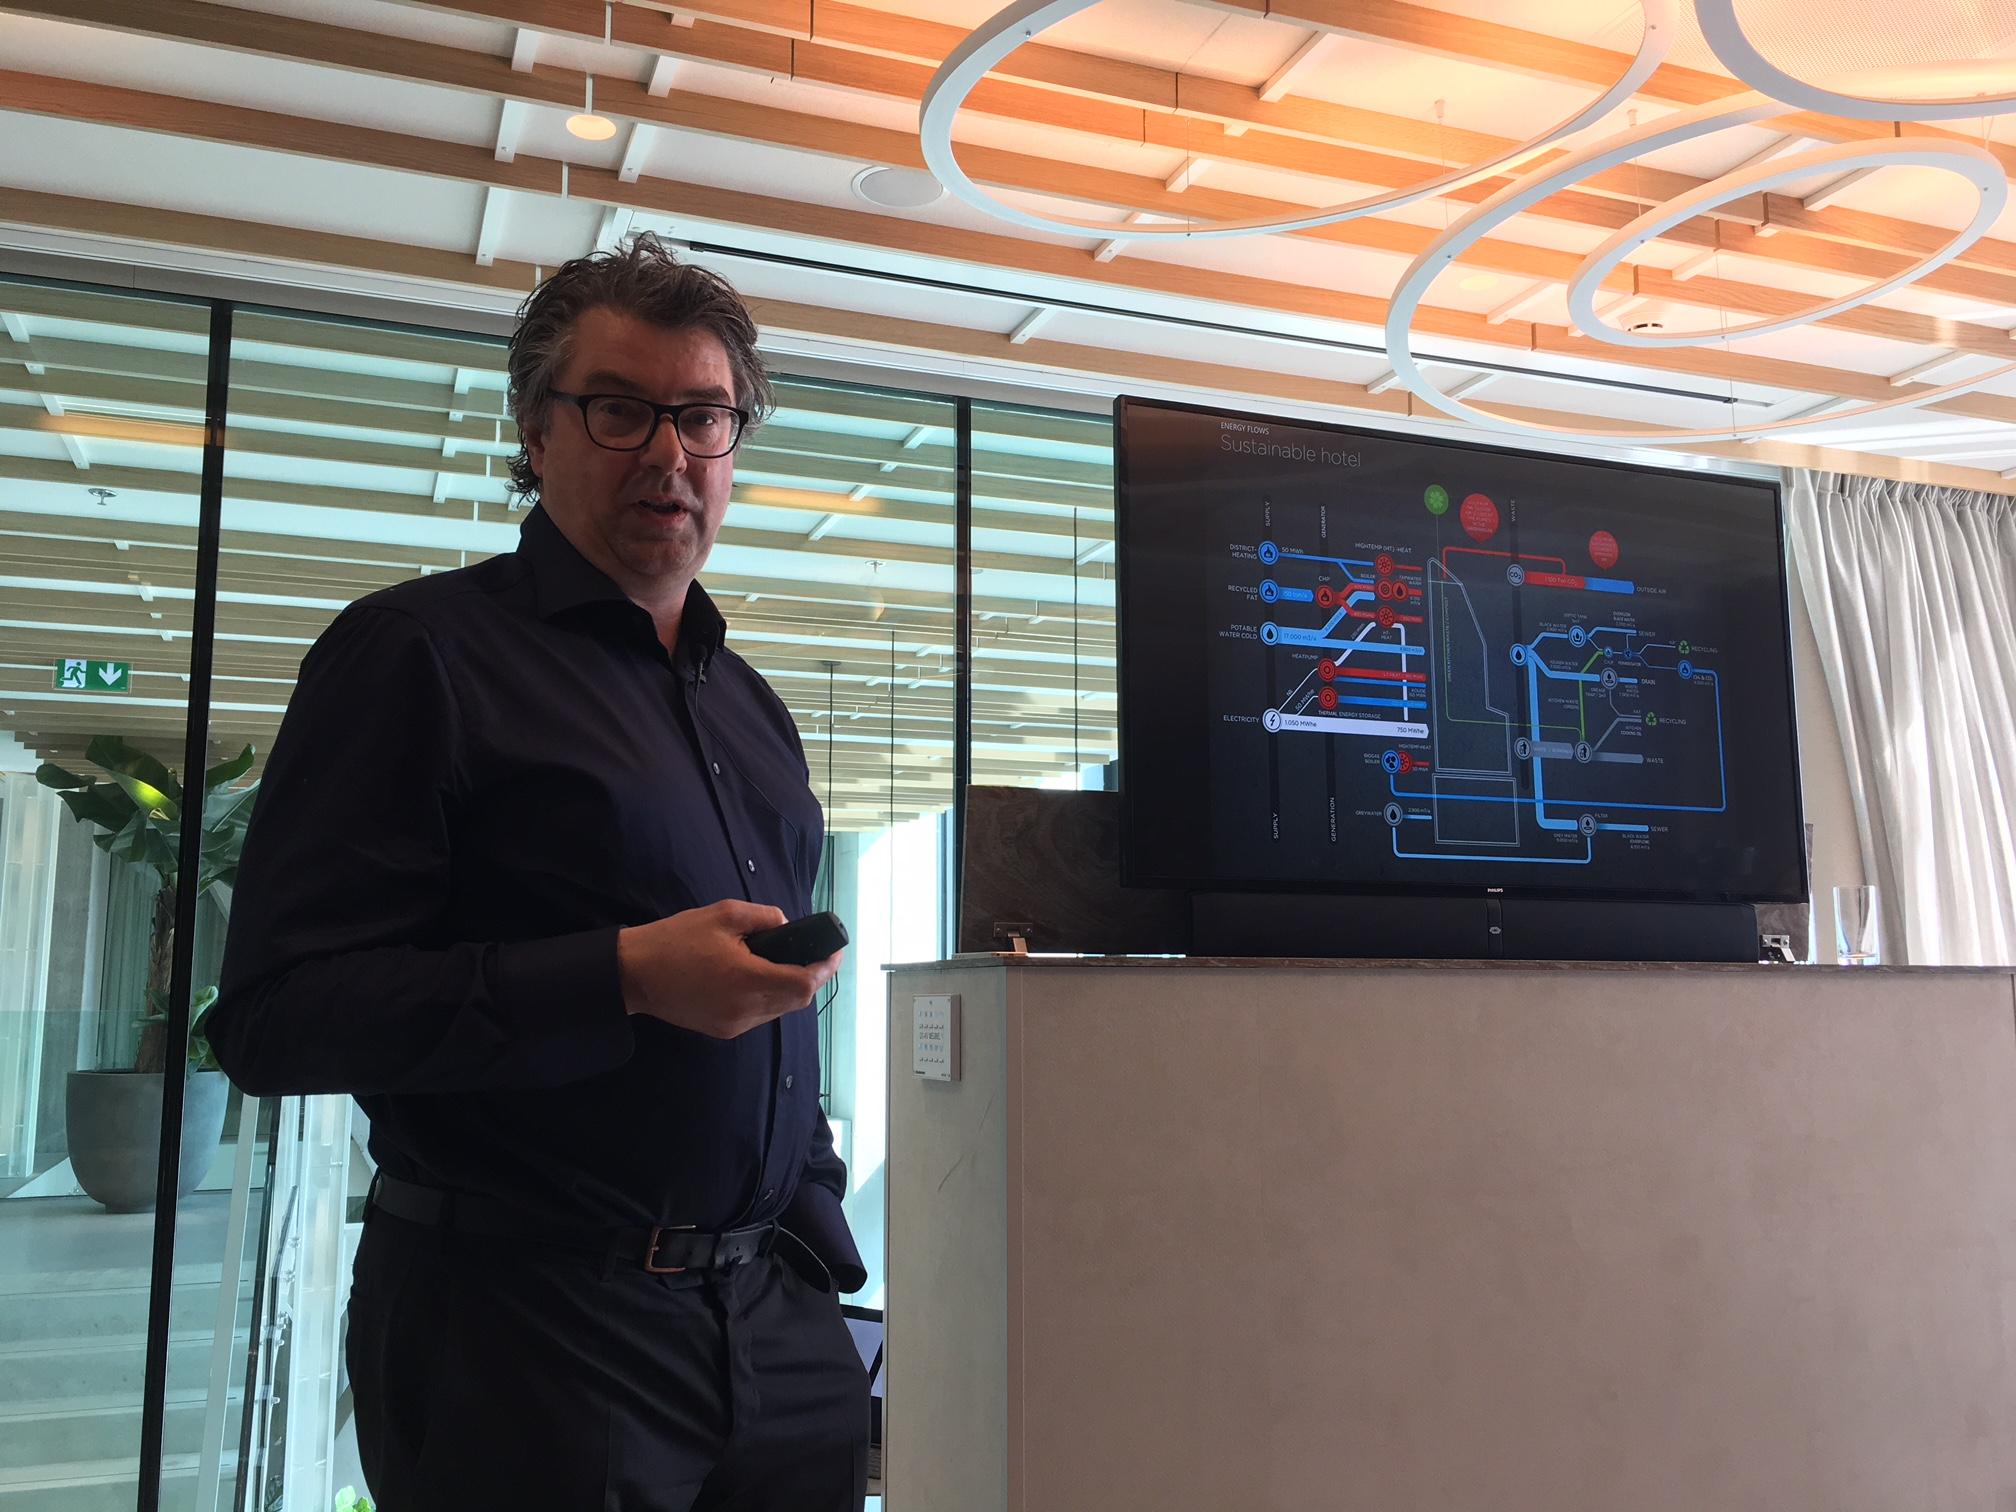 Projectbezoek QO Amsterdam met Paul de Ruiter en Robert Mulder, beeld Harm Tilman